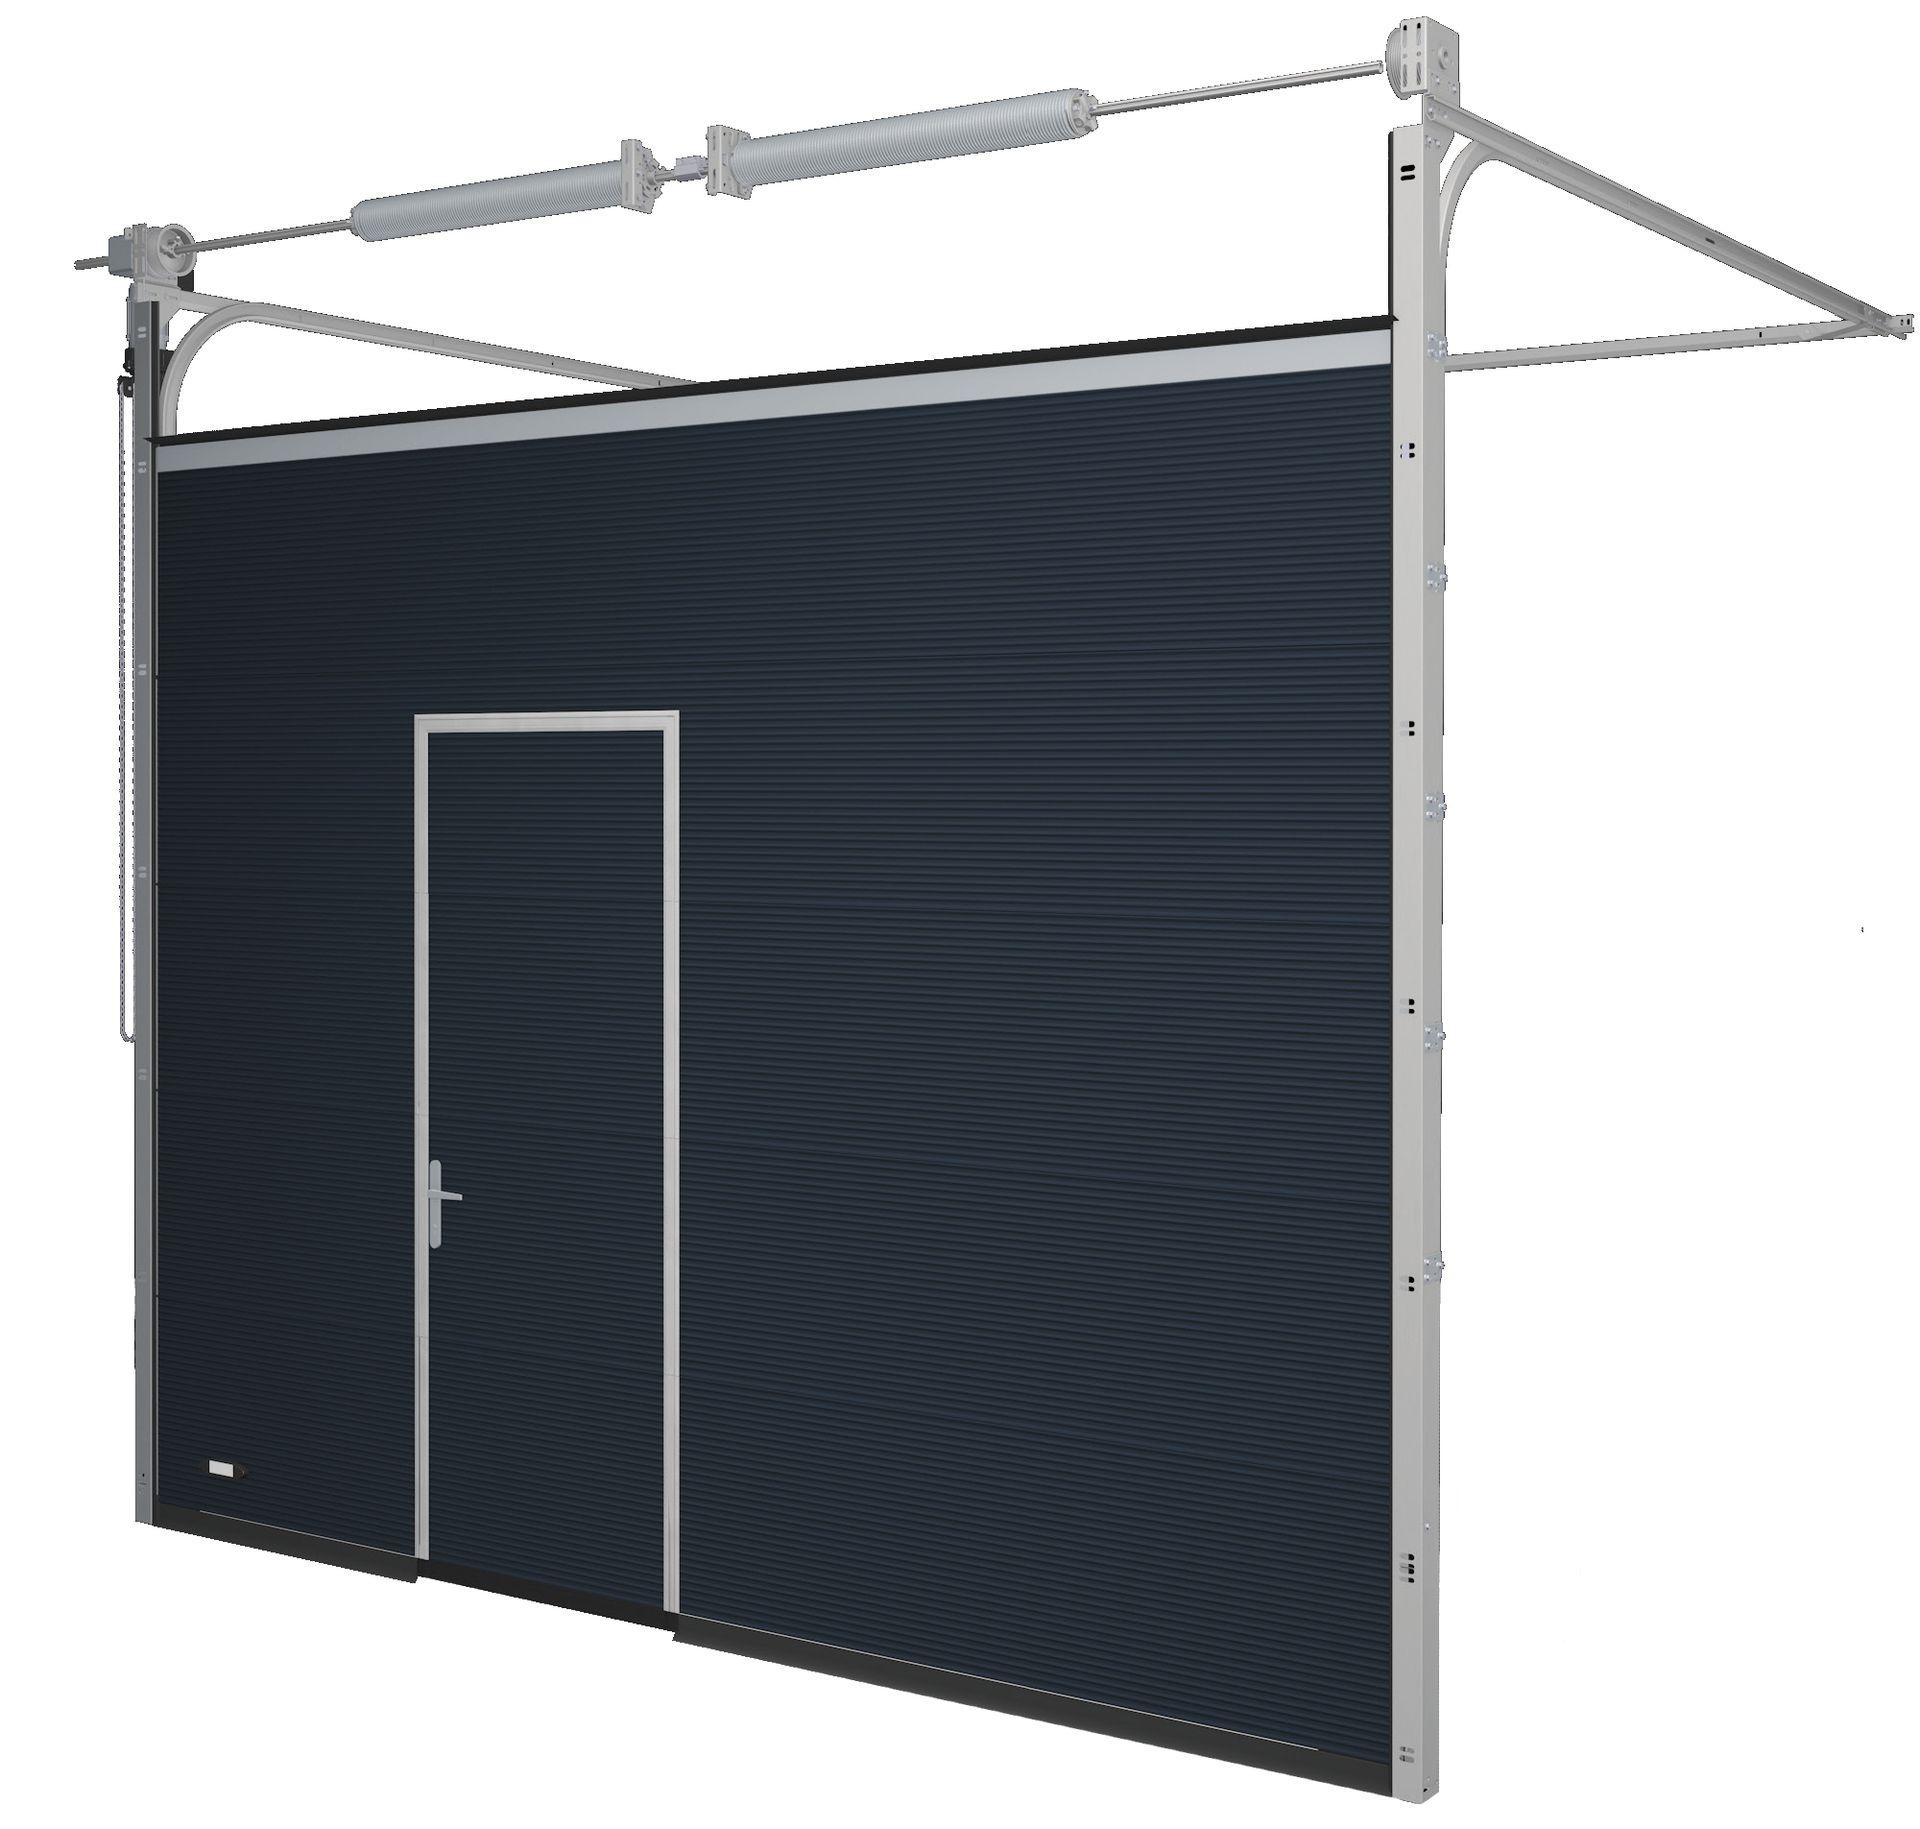 sektionaltor iso 40 mm ais. Black Bedroom Furniture Sets. Home Design Ideas